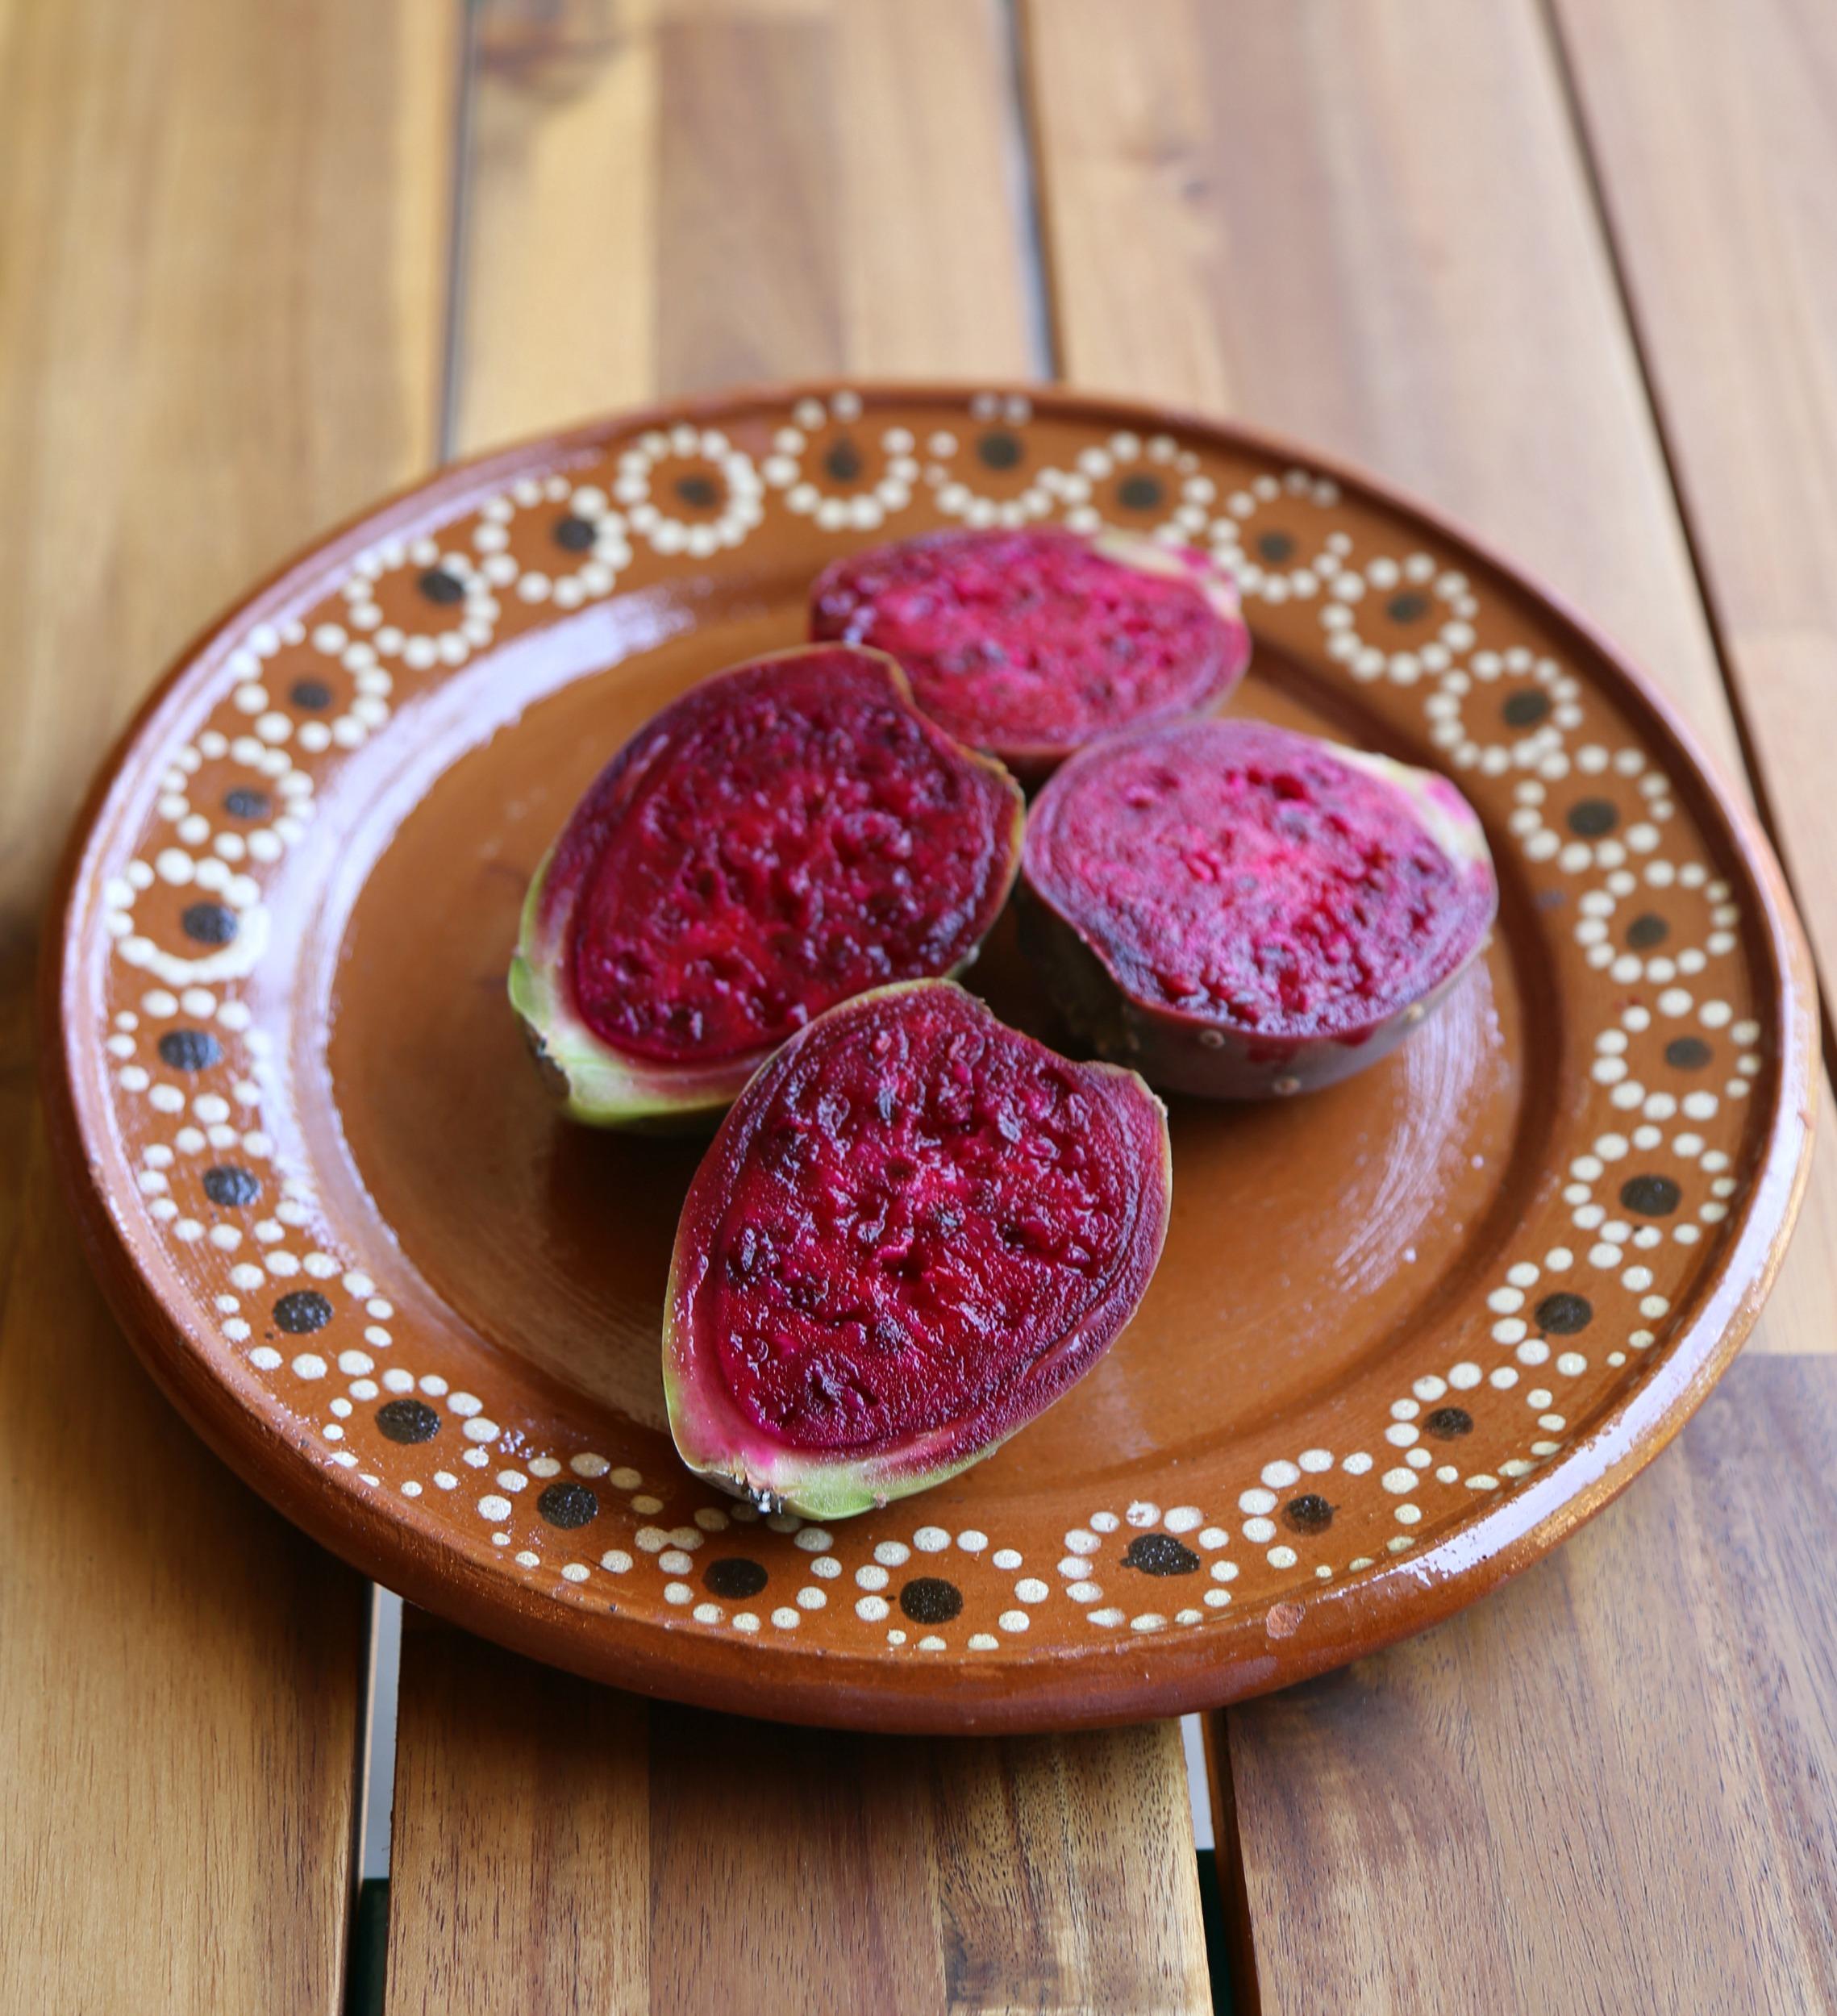 prickly-pears-vianneyrodriguez-sweetlifebake